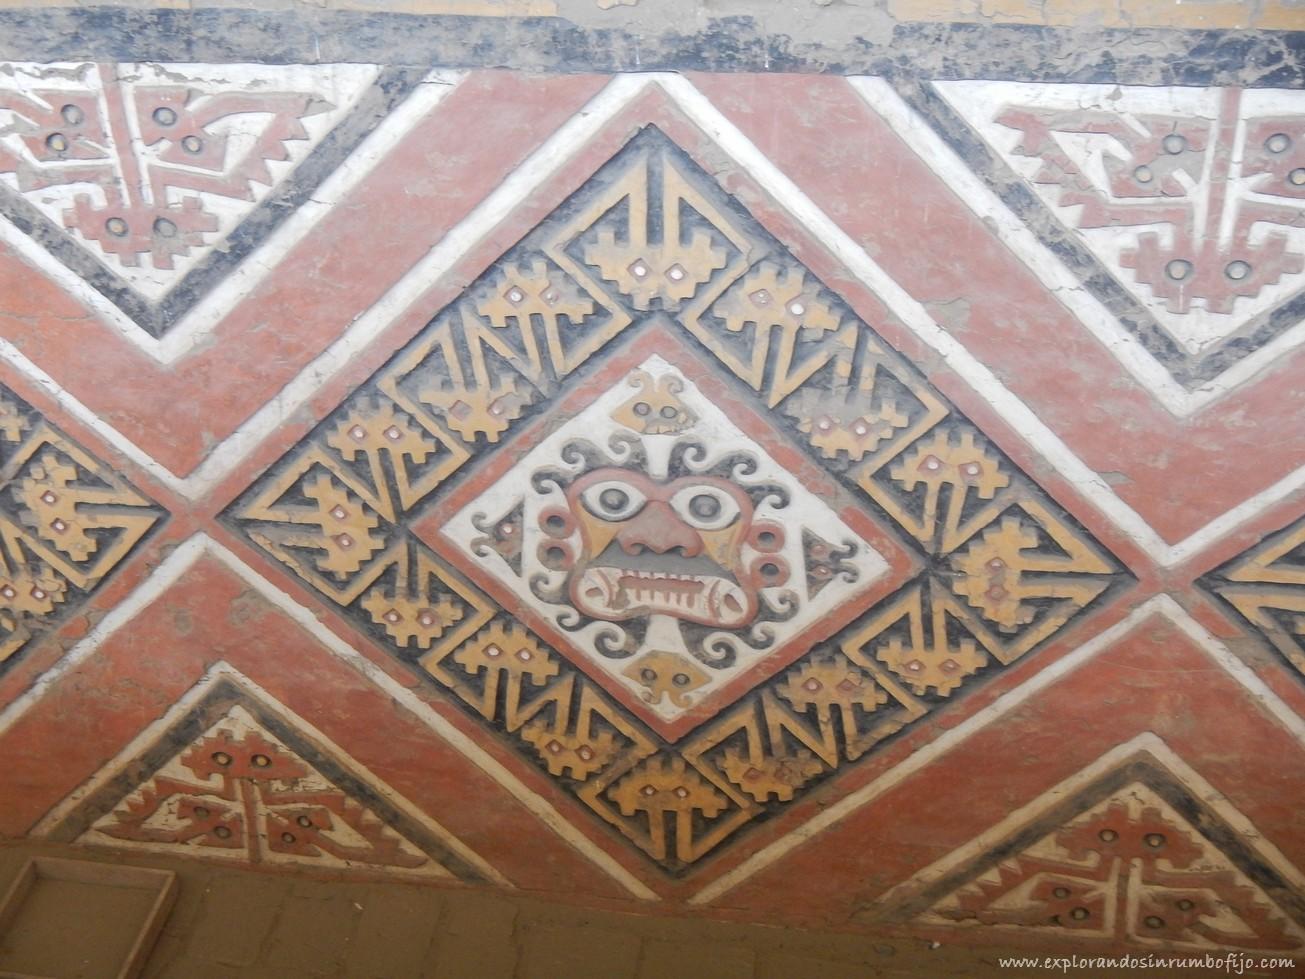 Representación del dios Aiapaec